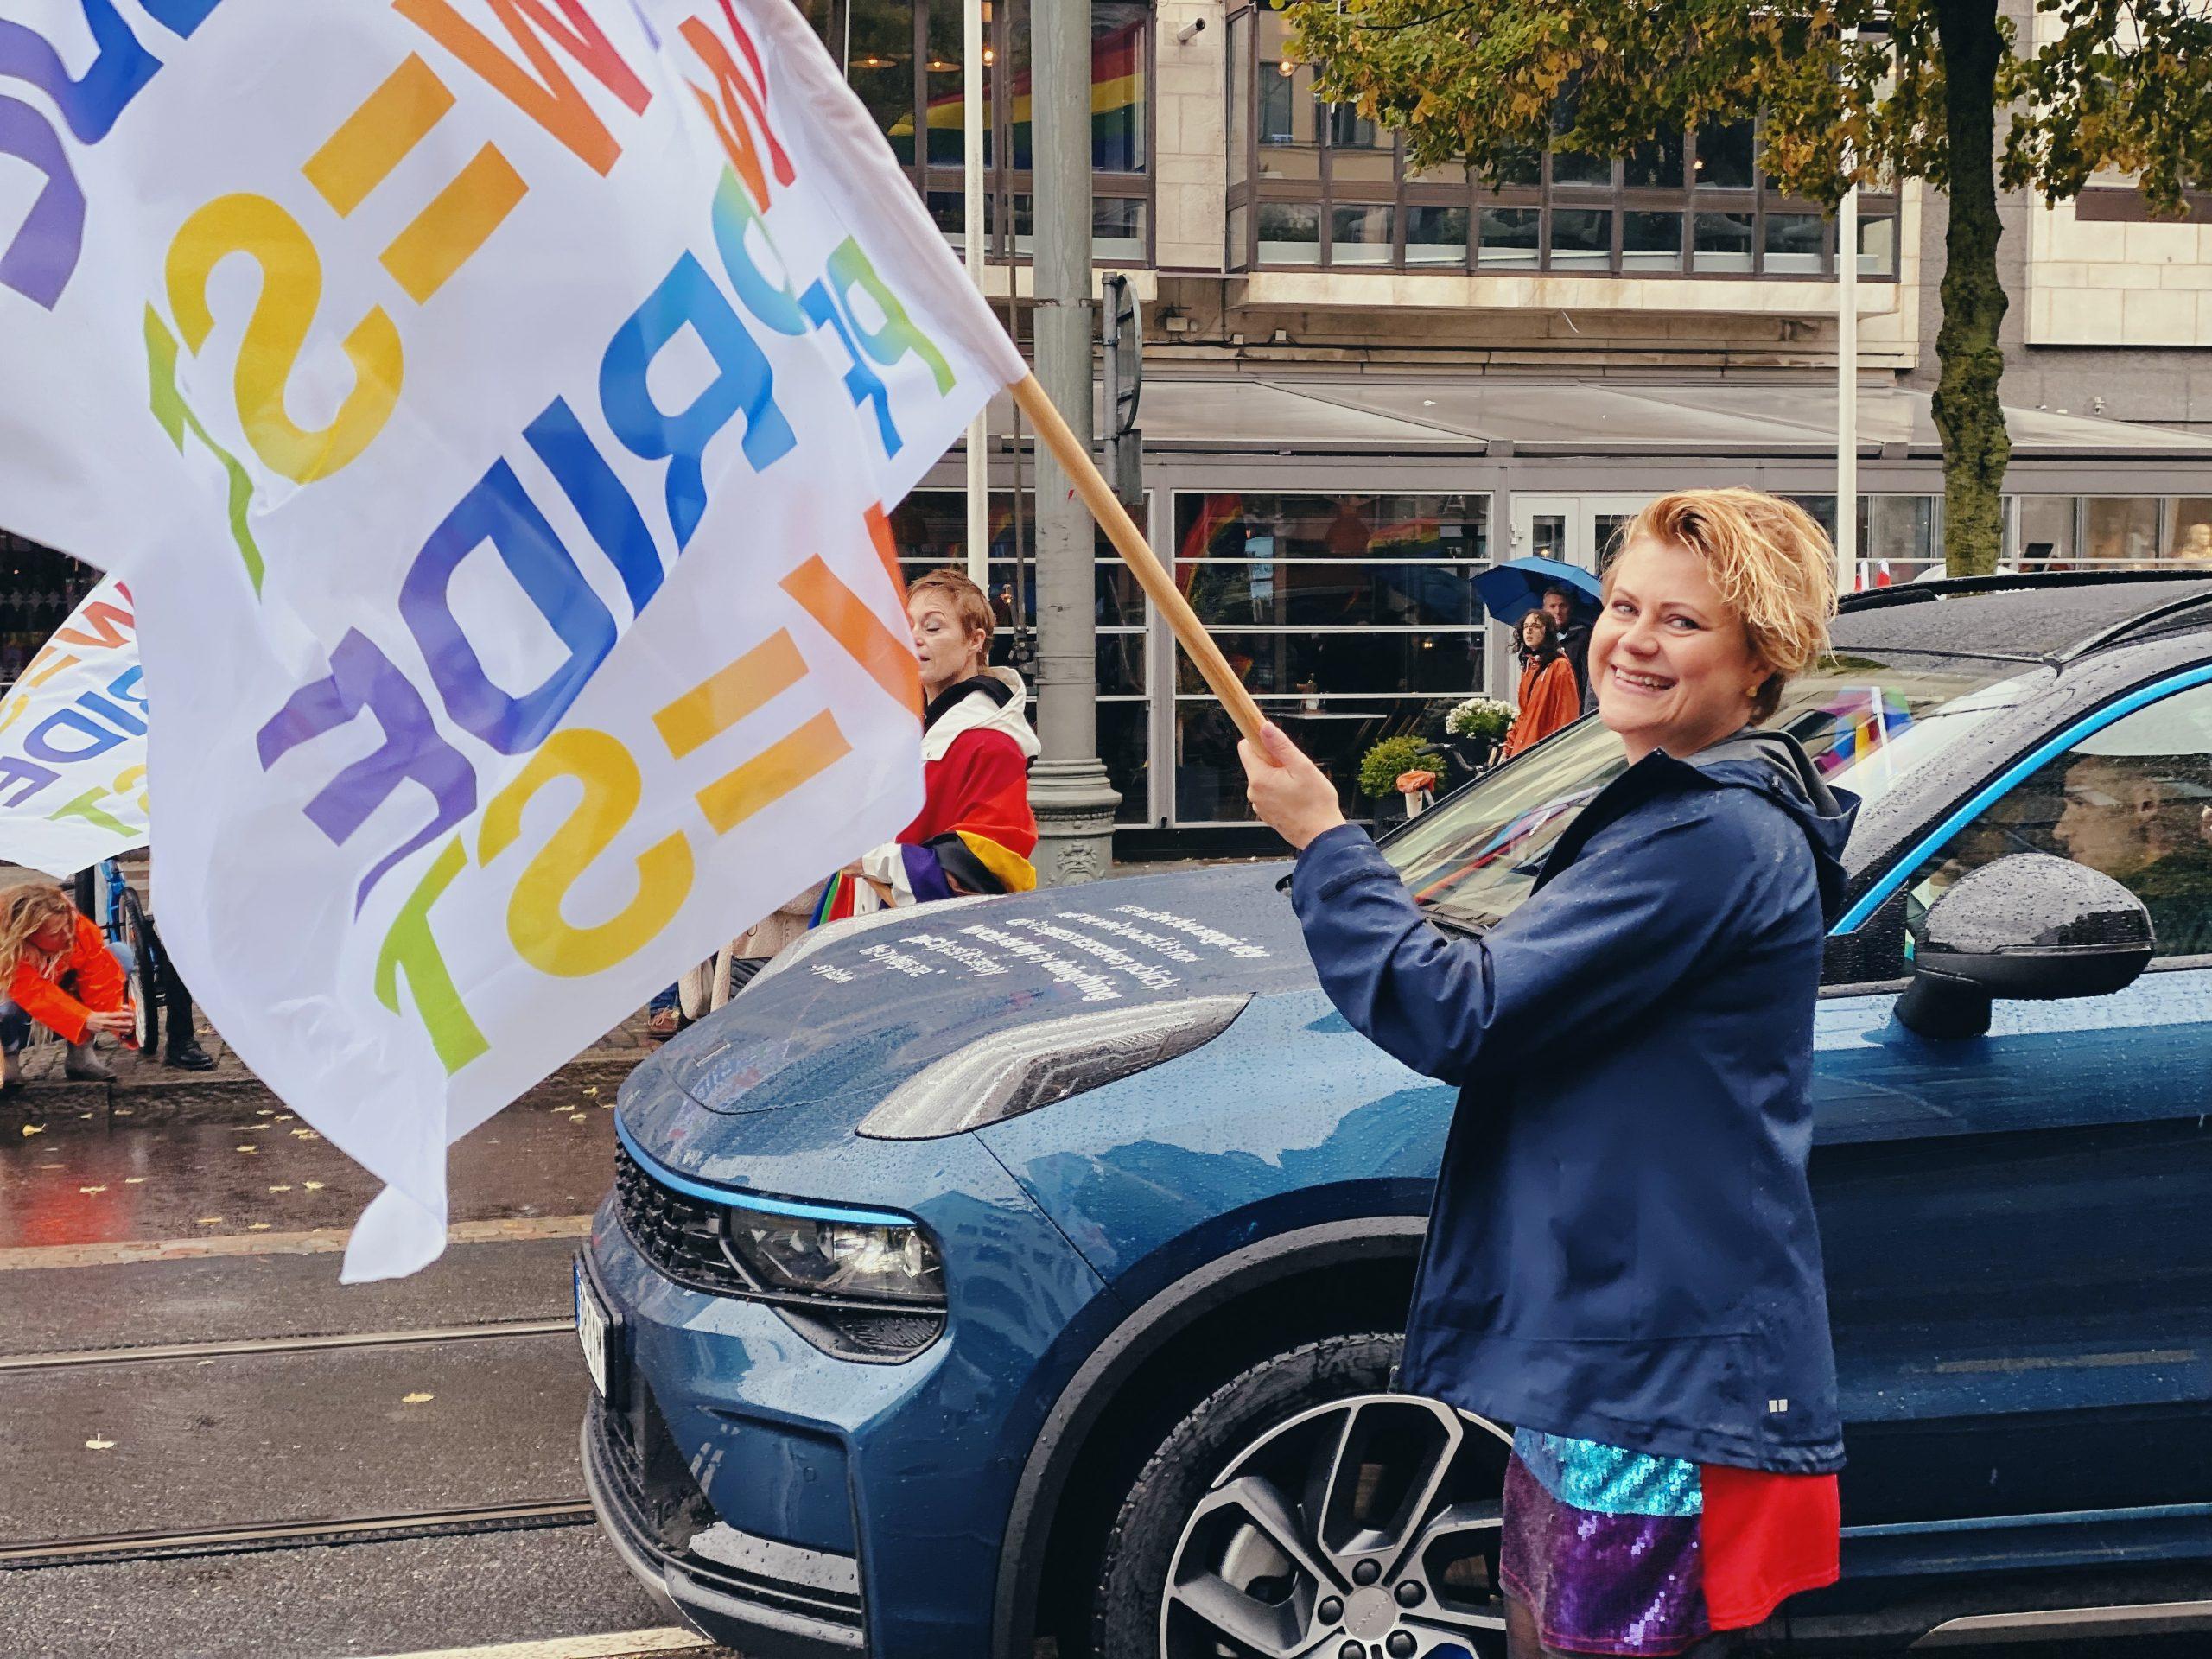 Гей парад в Швеции! Эксклюзивный фоторепортаж GPress